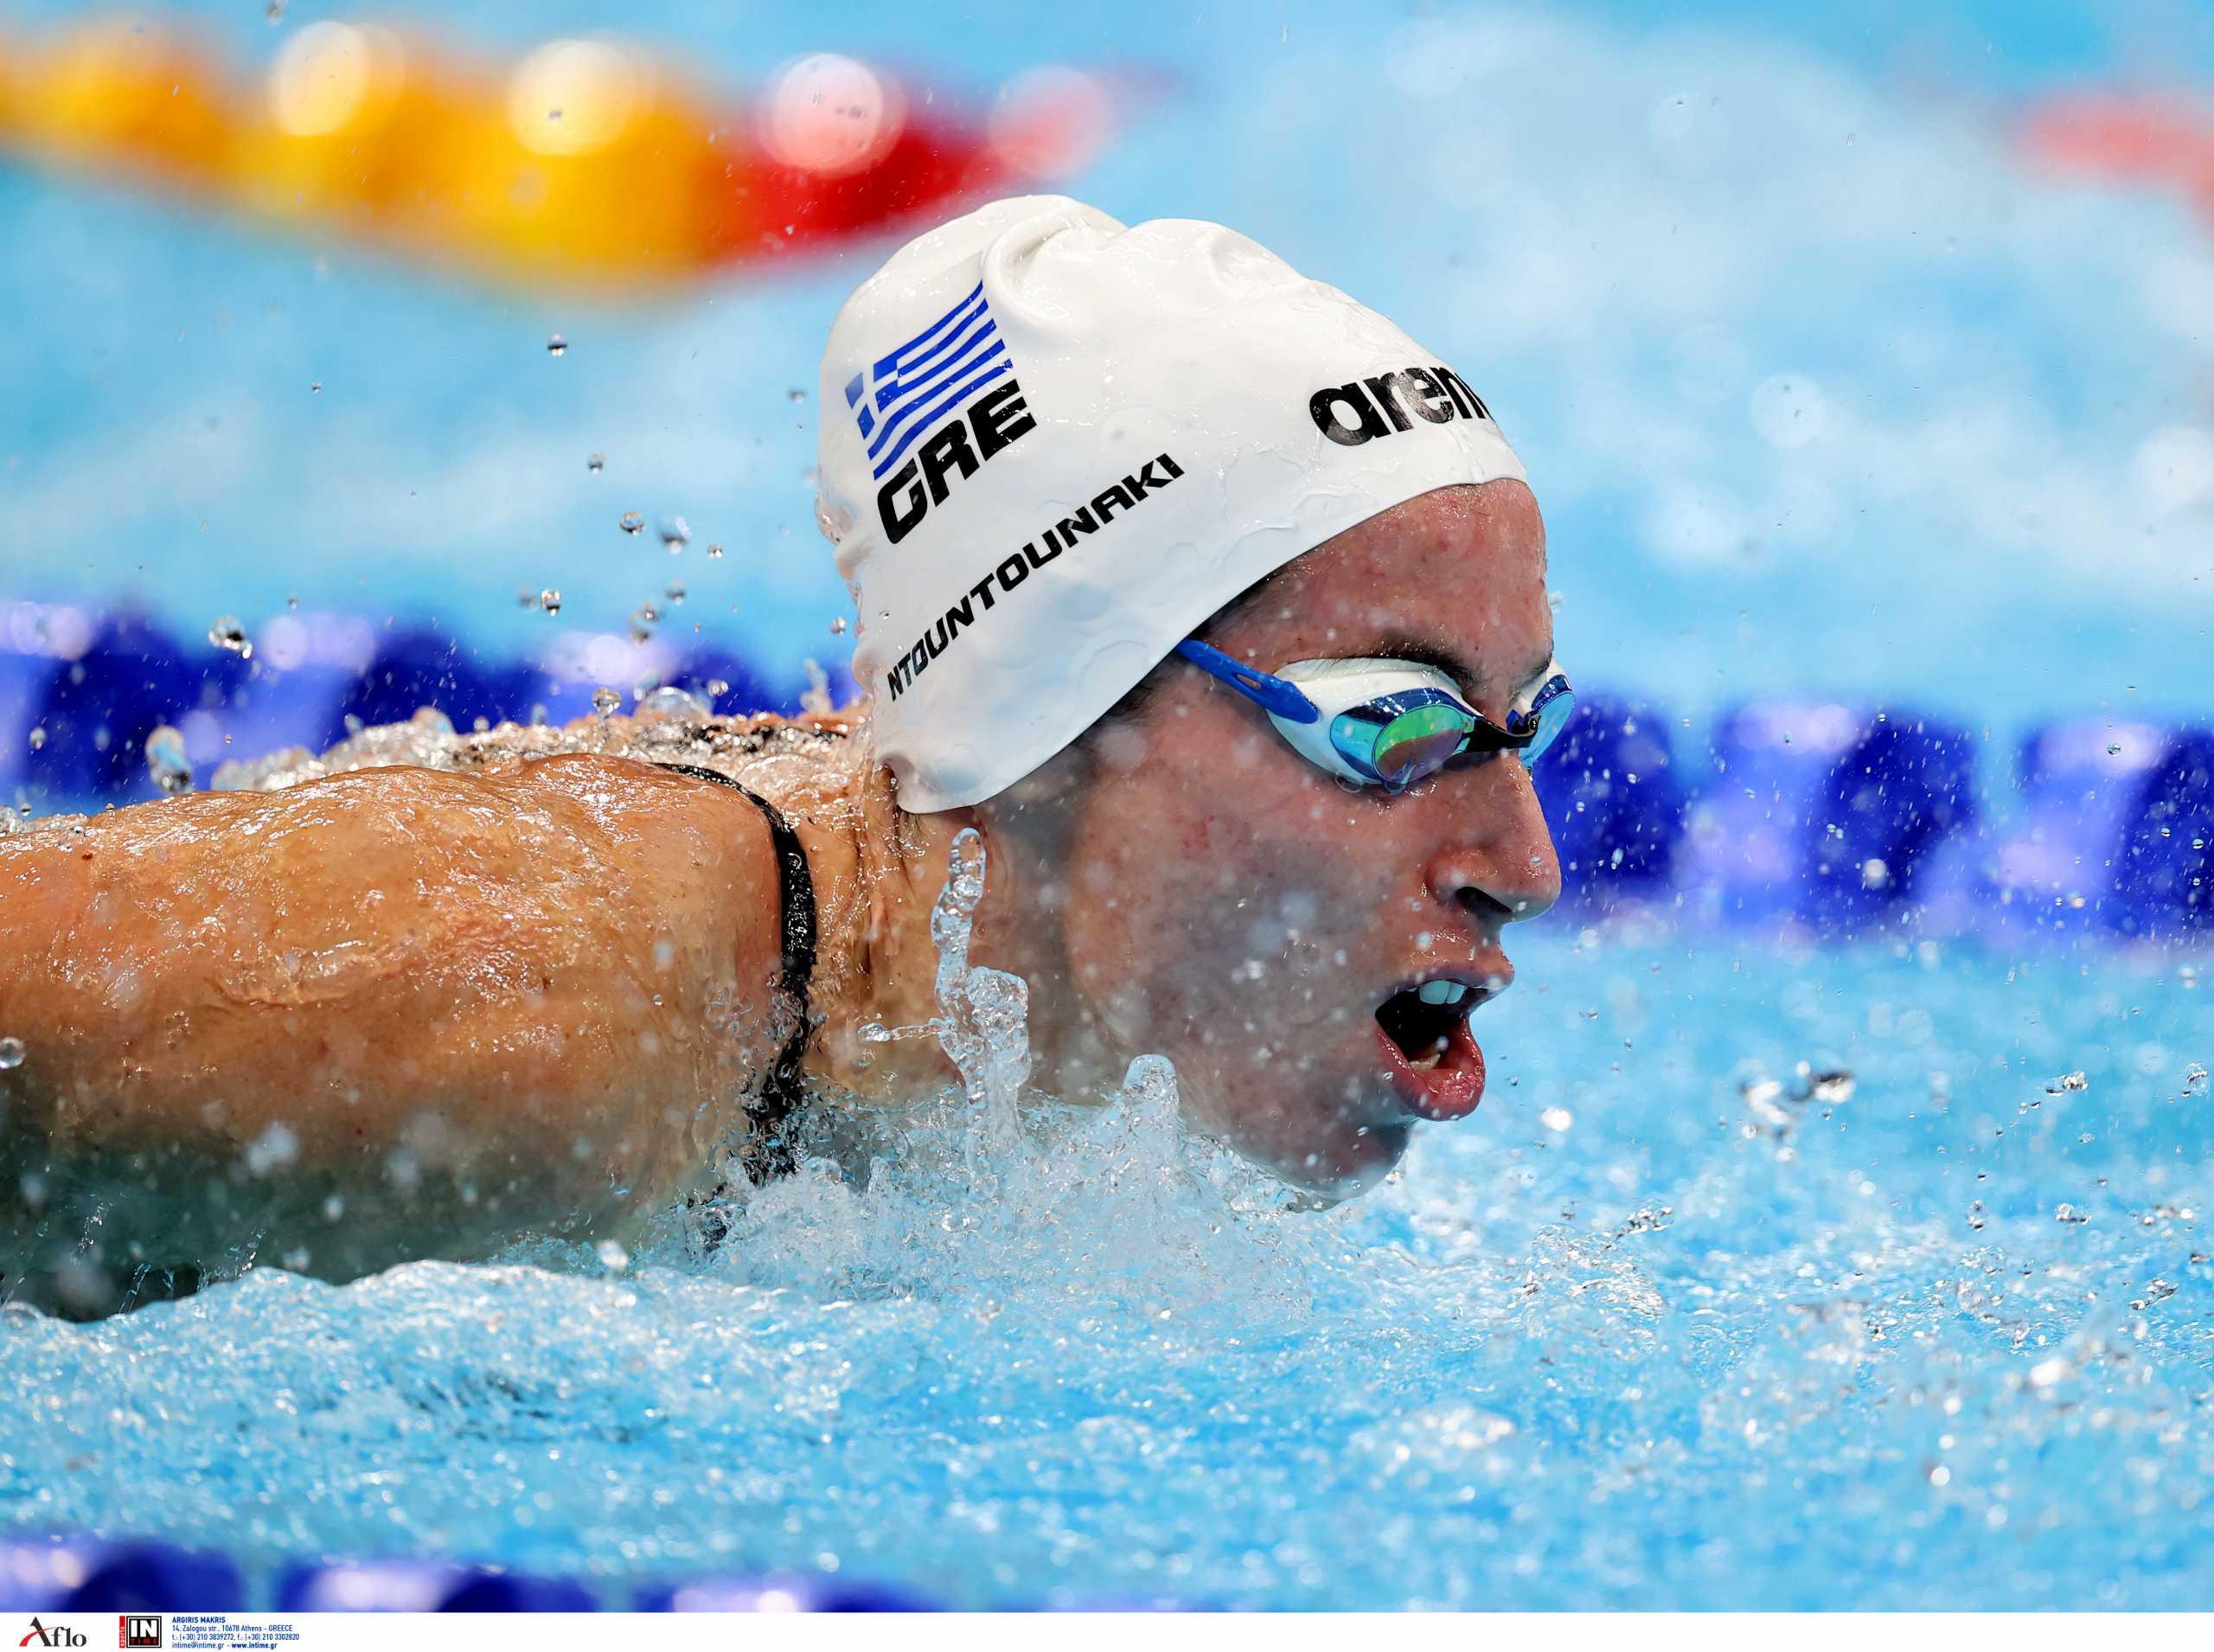 Ολυμπιακοί Αγώνες: Πανελλήνιο ρεκόρ η Ντουντουνάκη έχασε οριακά τον τελικό